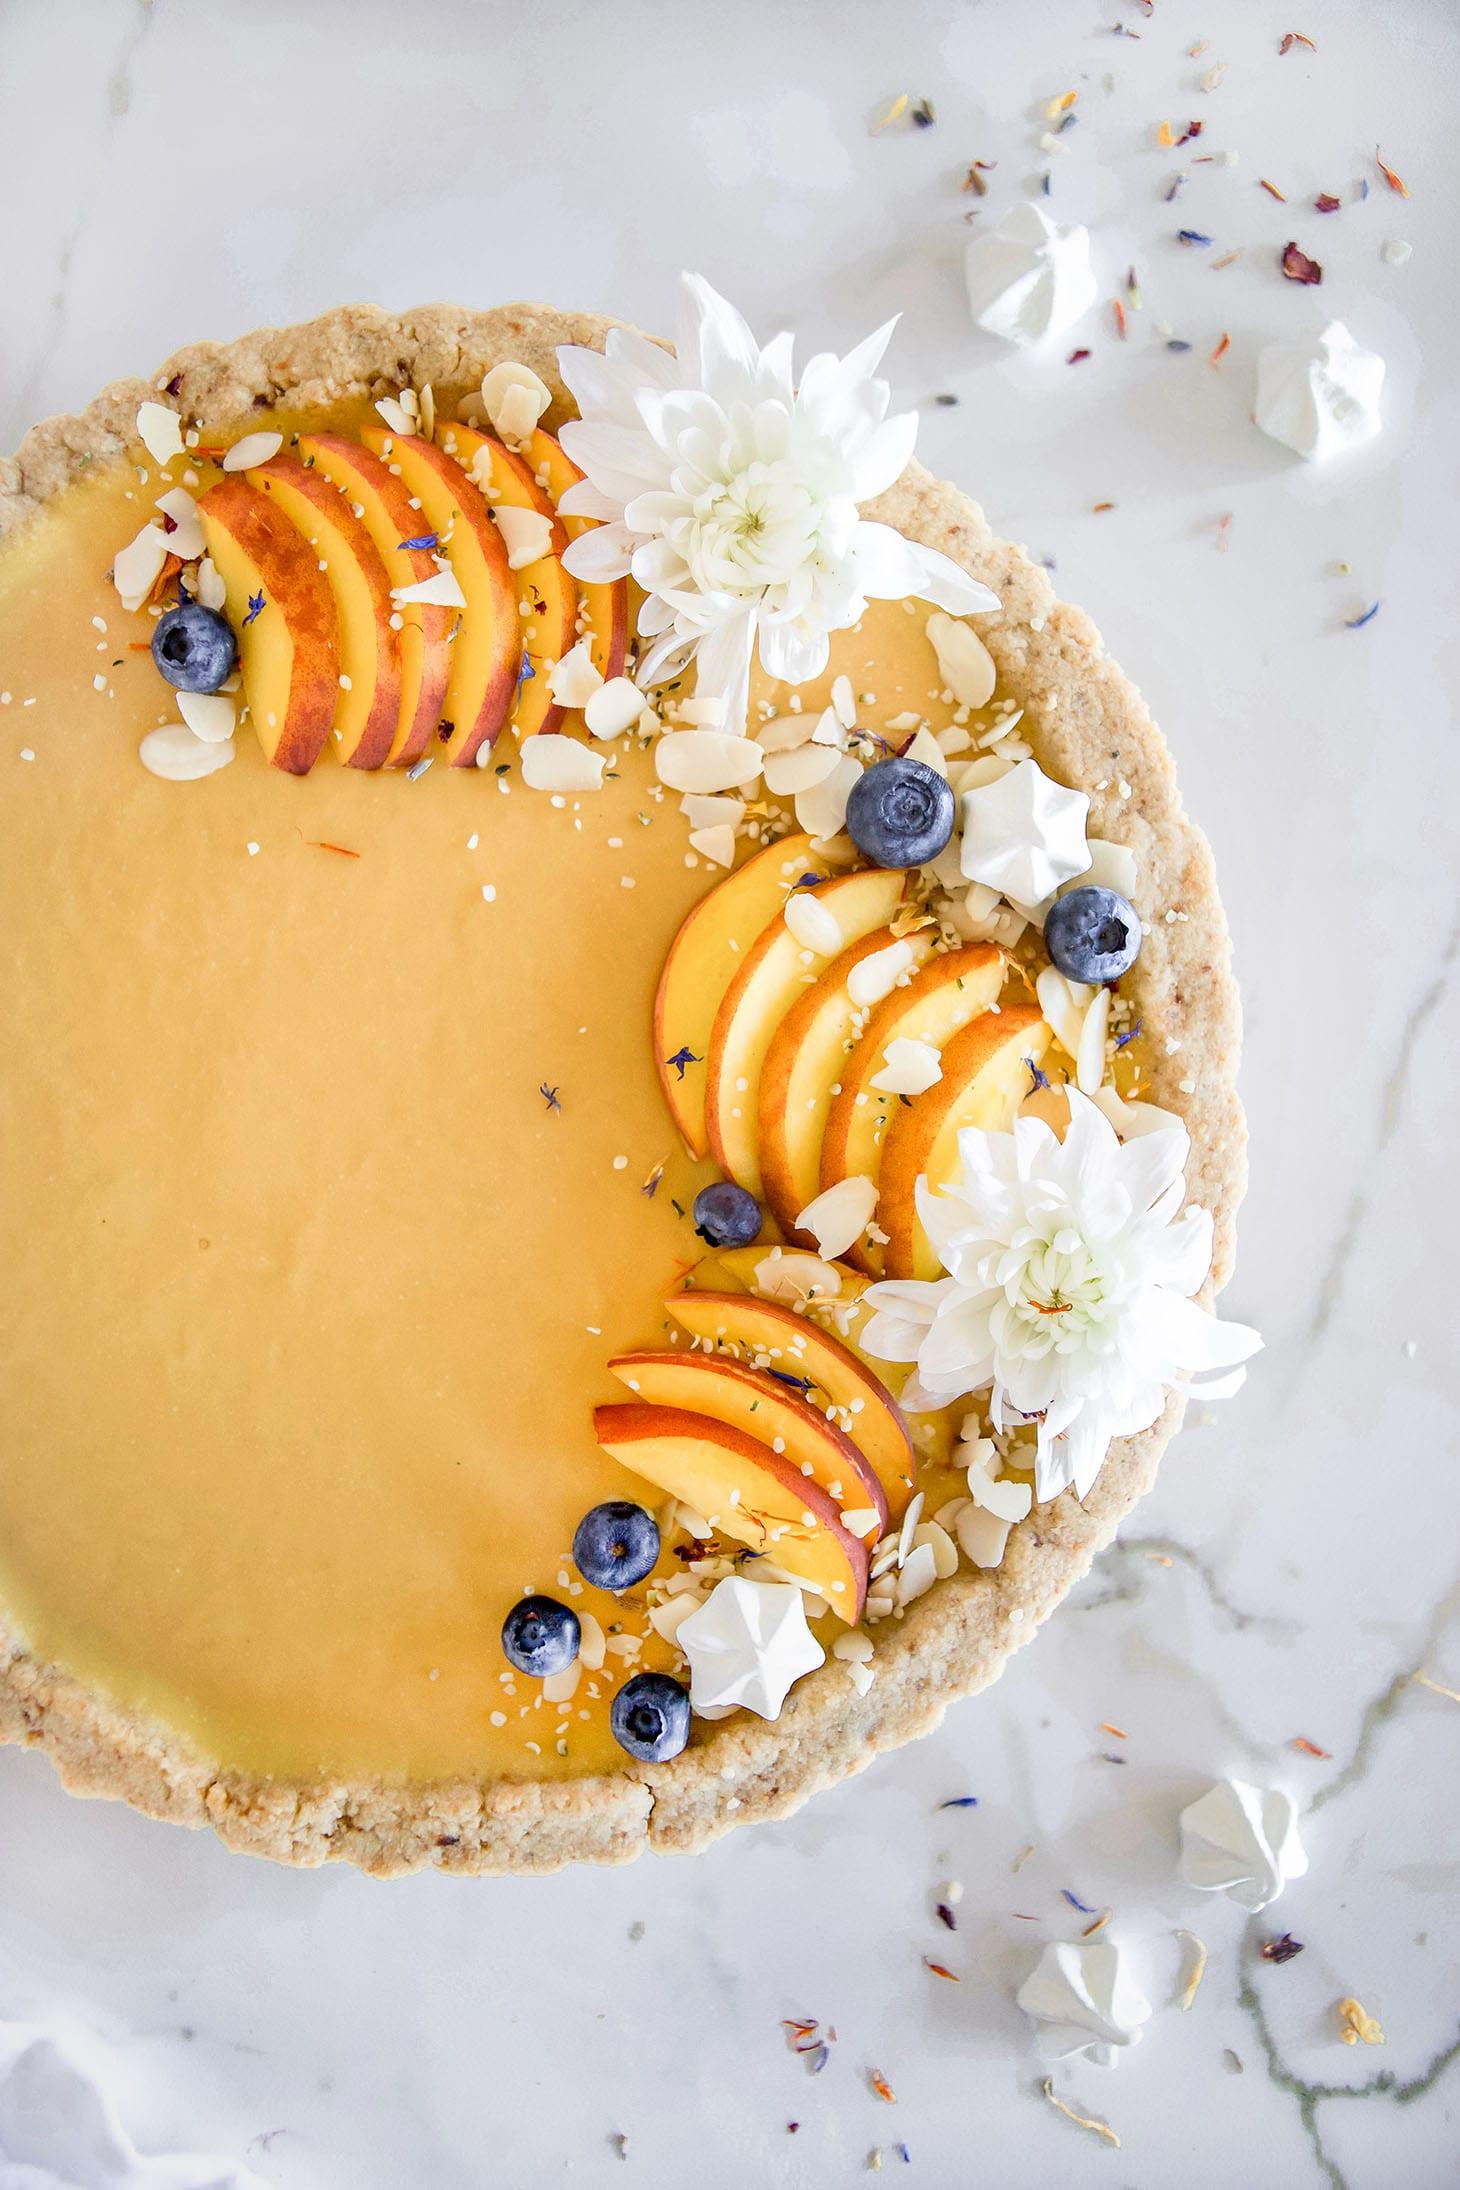 How to Make a Peach Tart